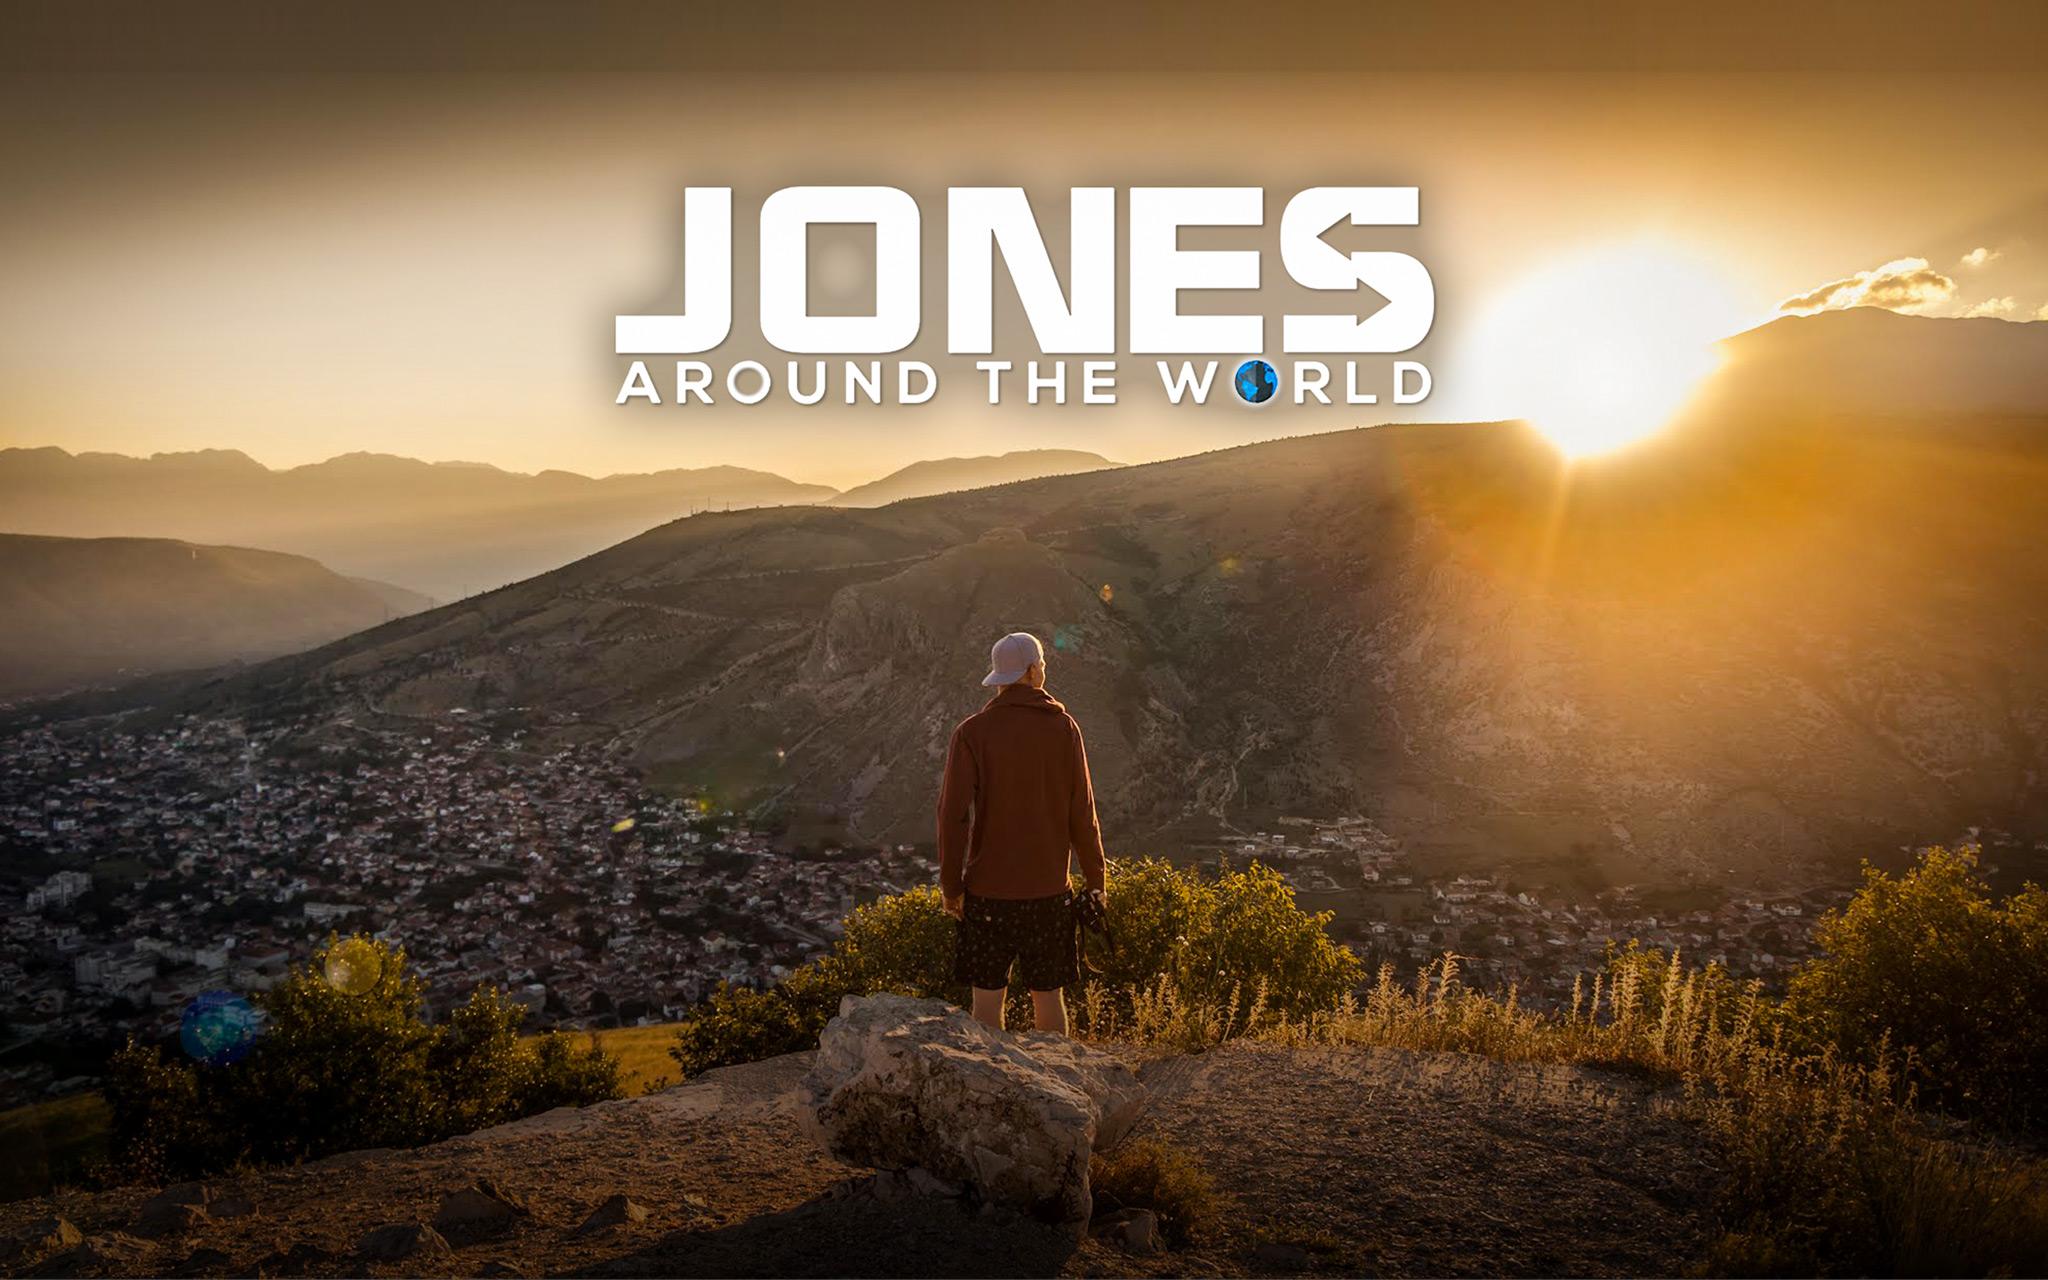 Jones Around The World